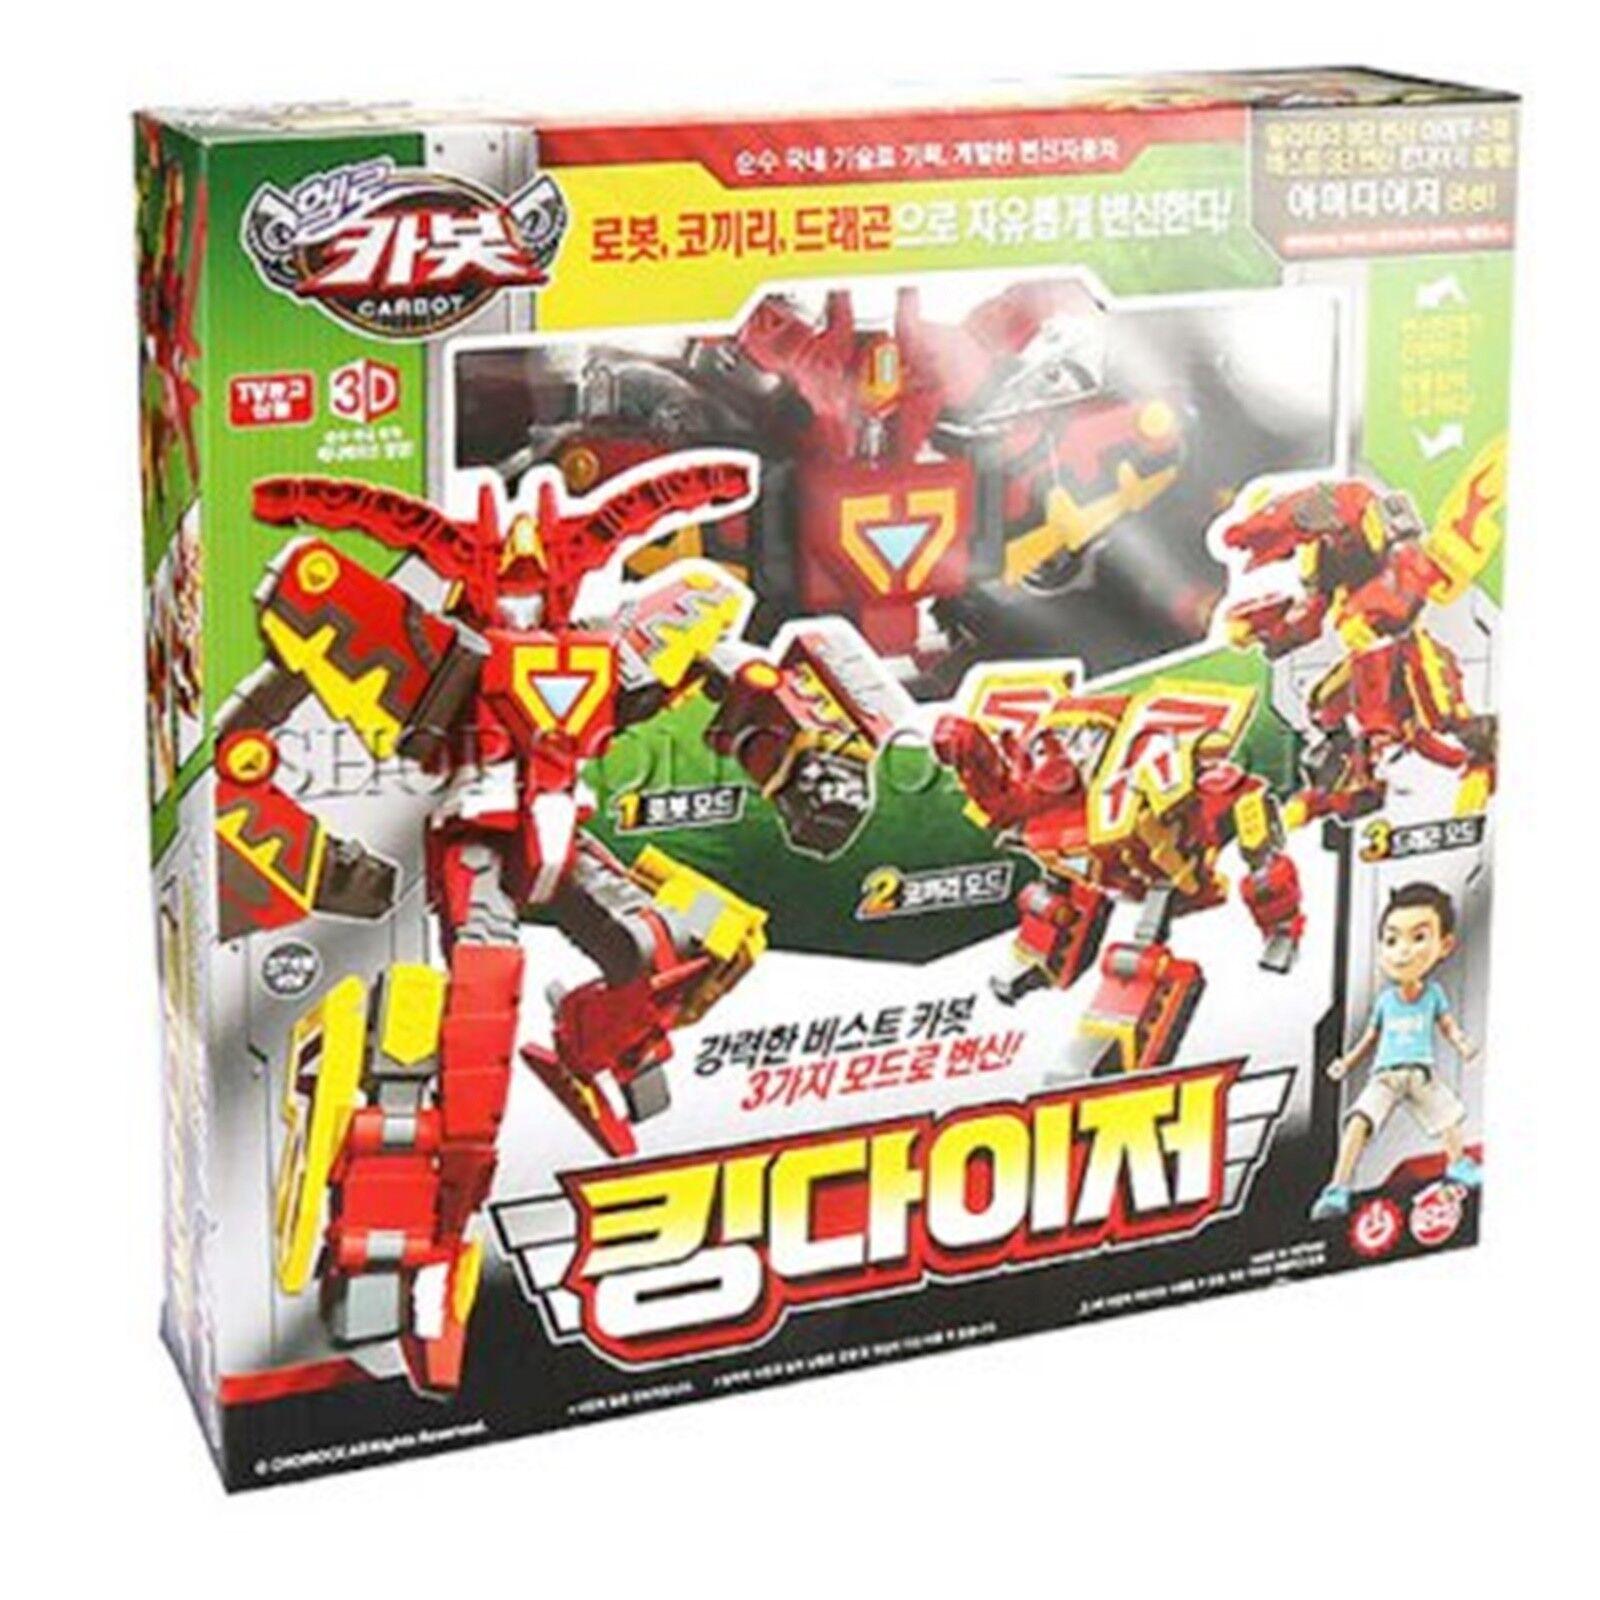 Hello Carbot KING DIZER Transformer Robot Dragon Elephant Toy Daizer Kingdizer